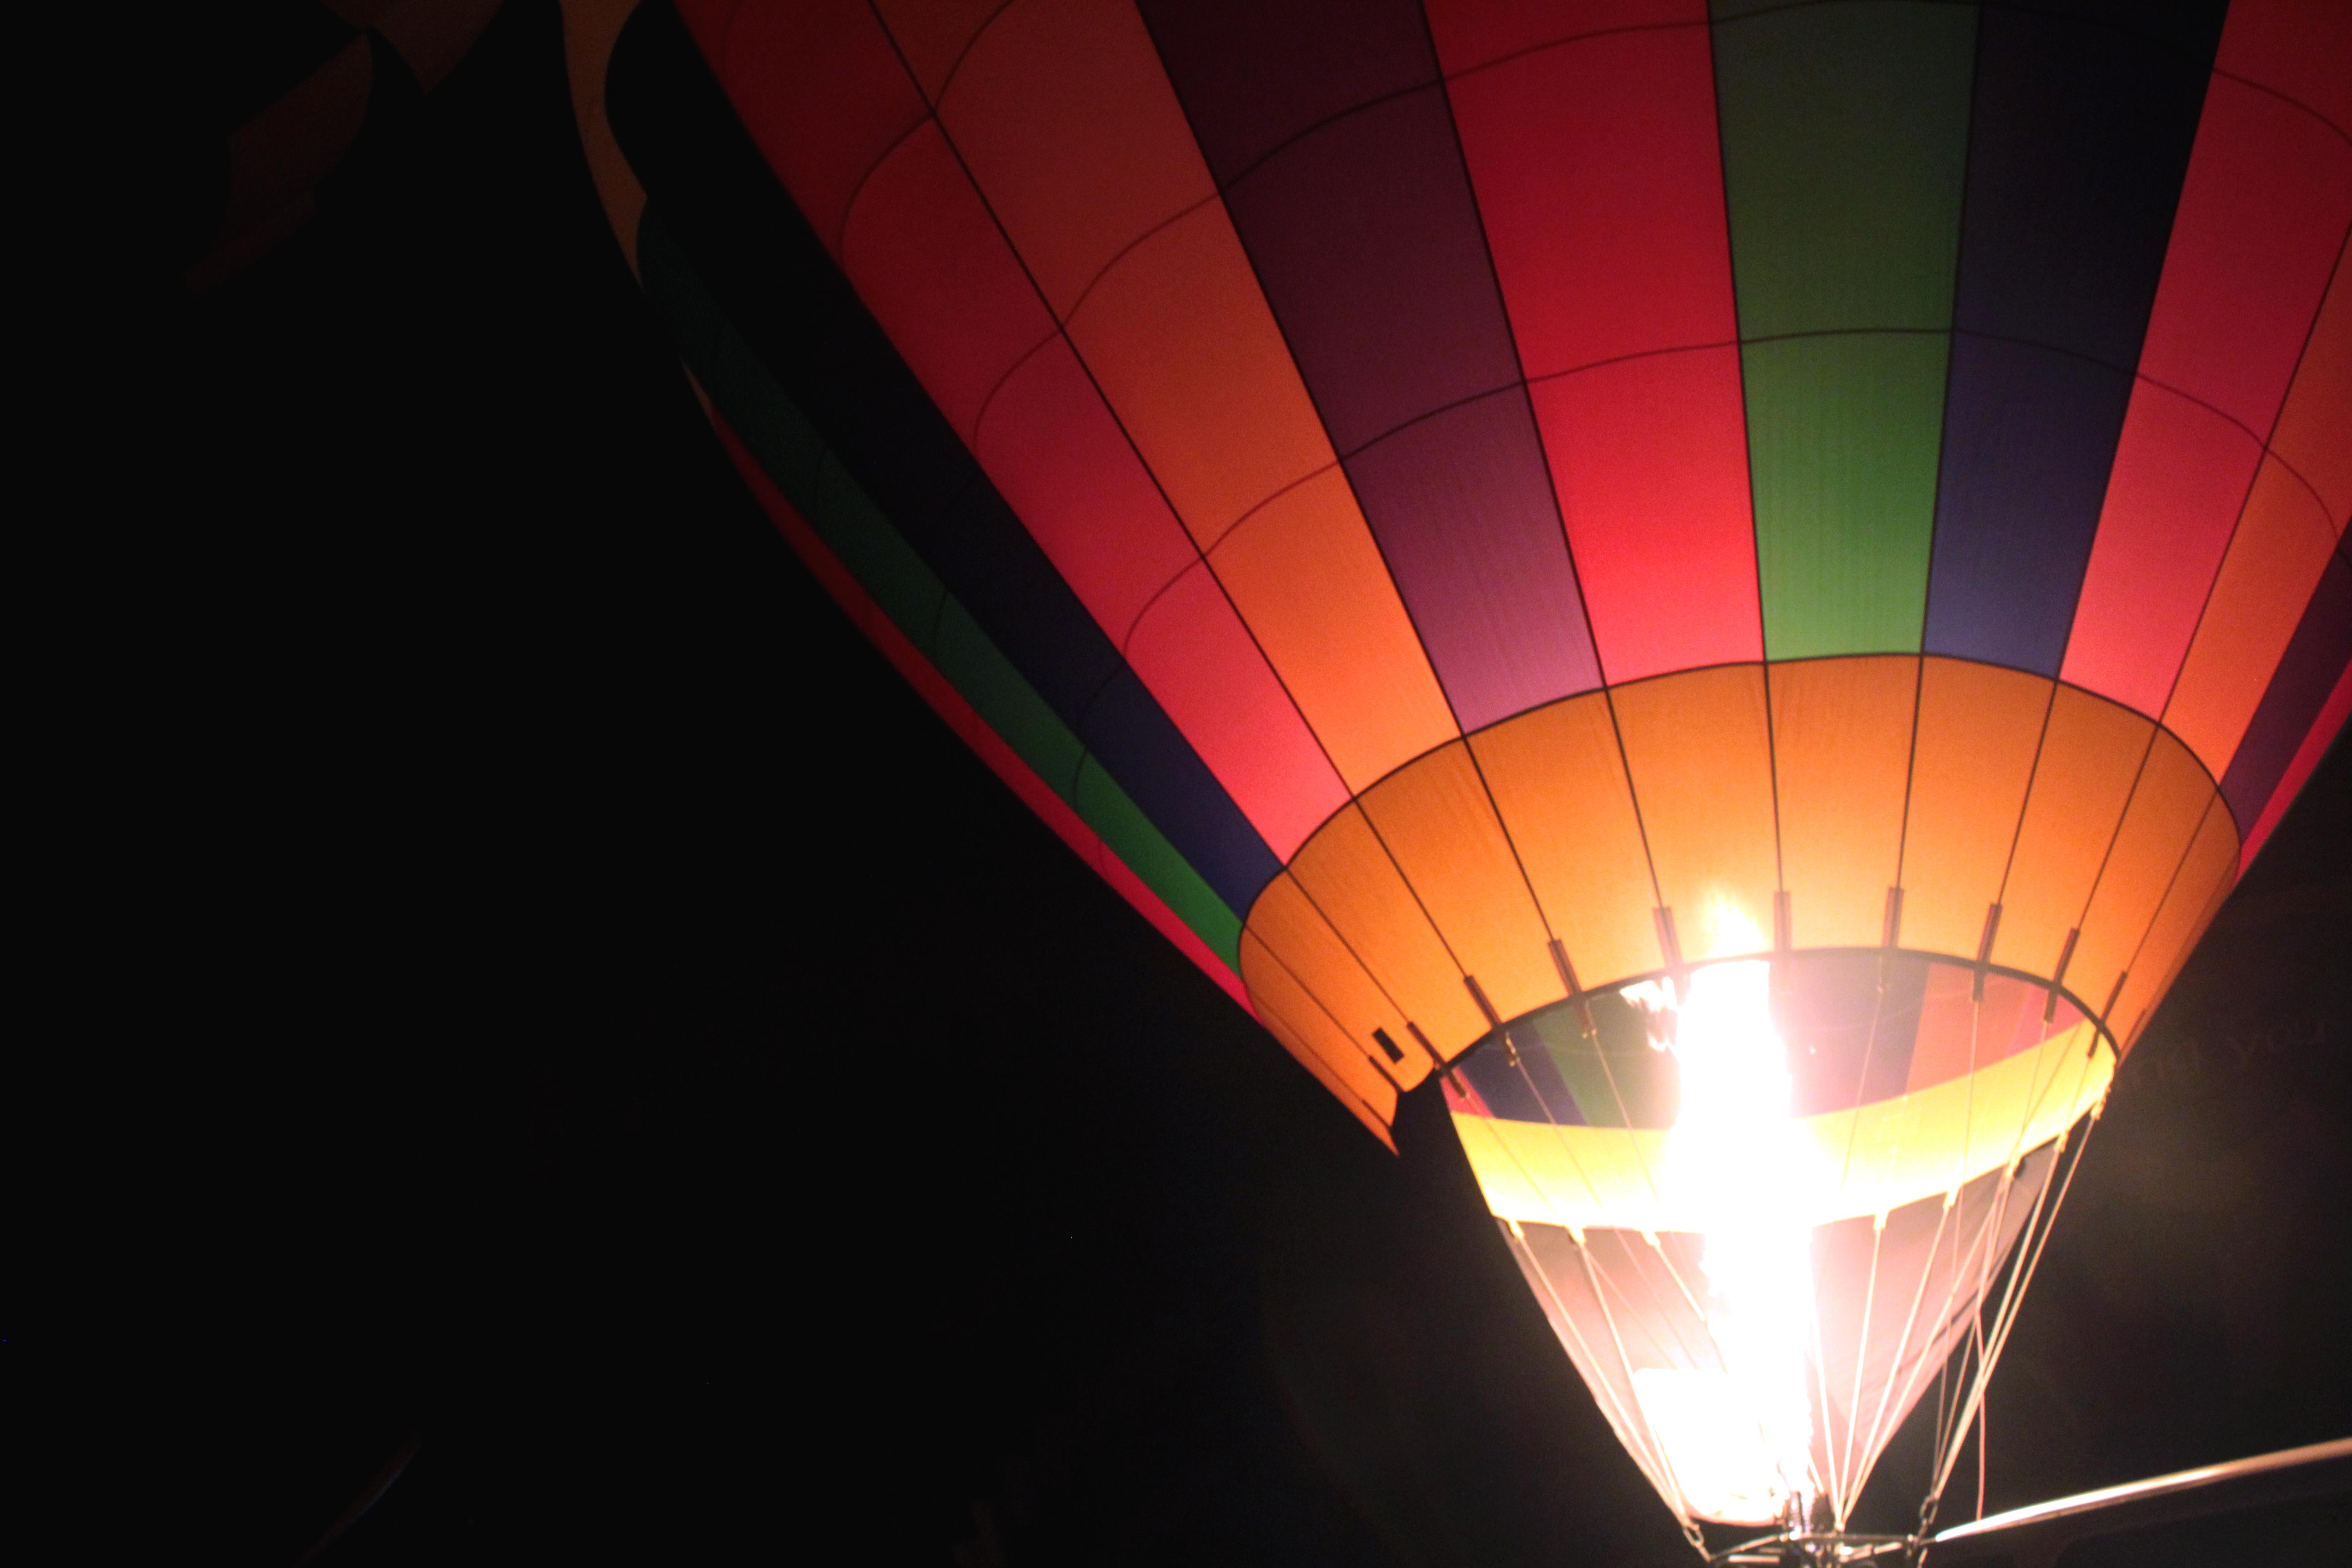 Ballonnen Met Licht : Kostenlose foto : flügel licht ballon reise flugzeug fahrzeug